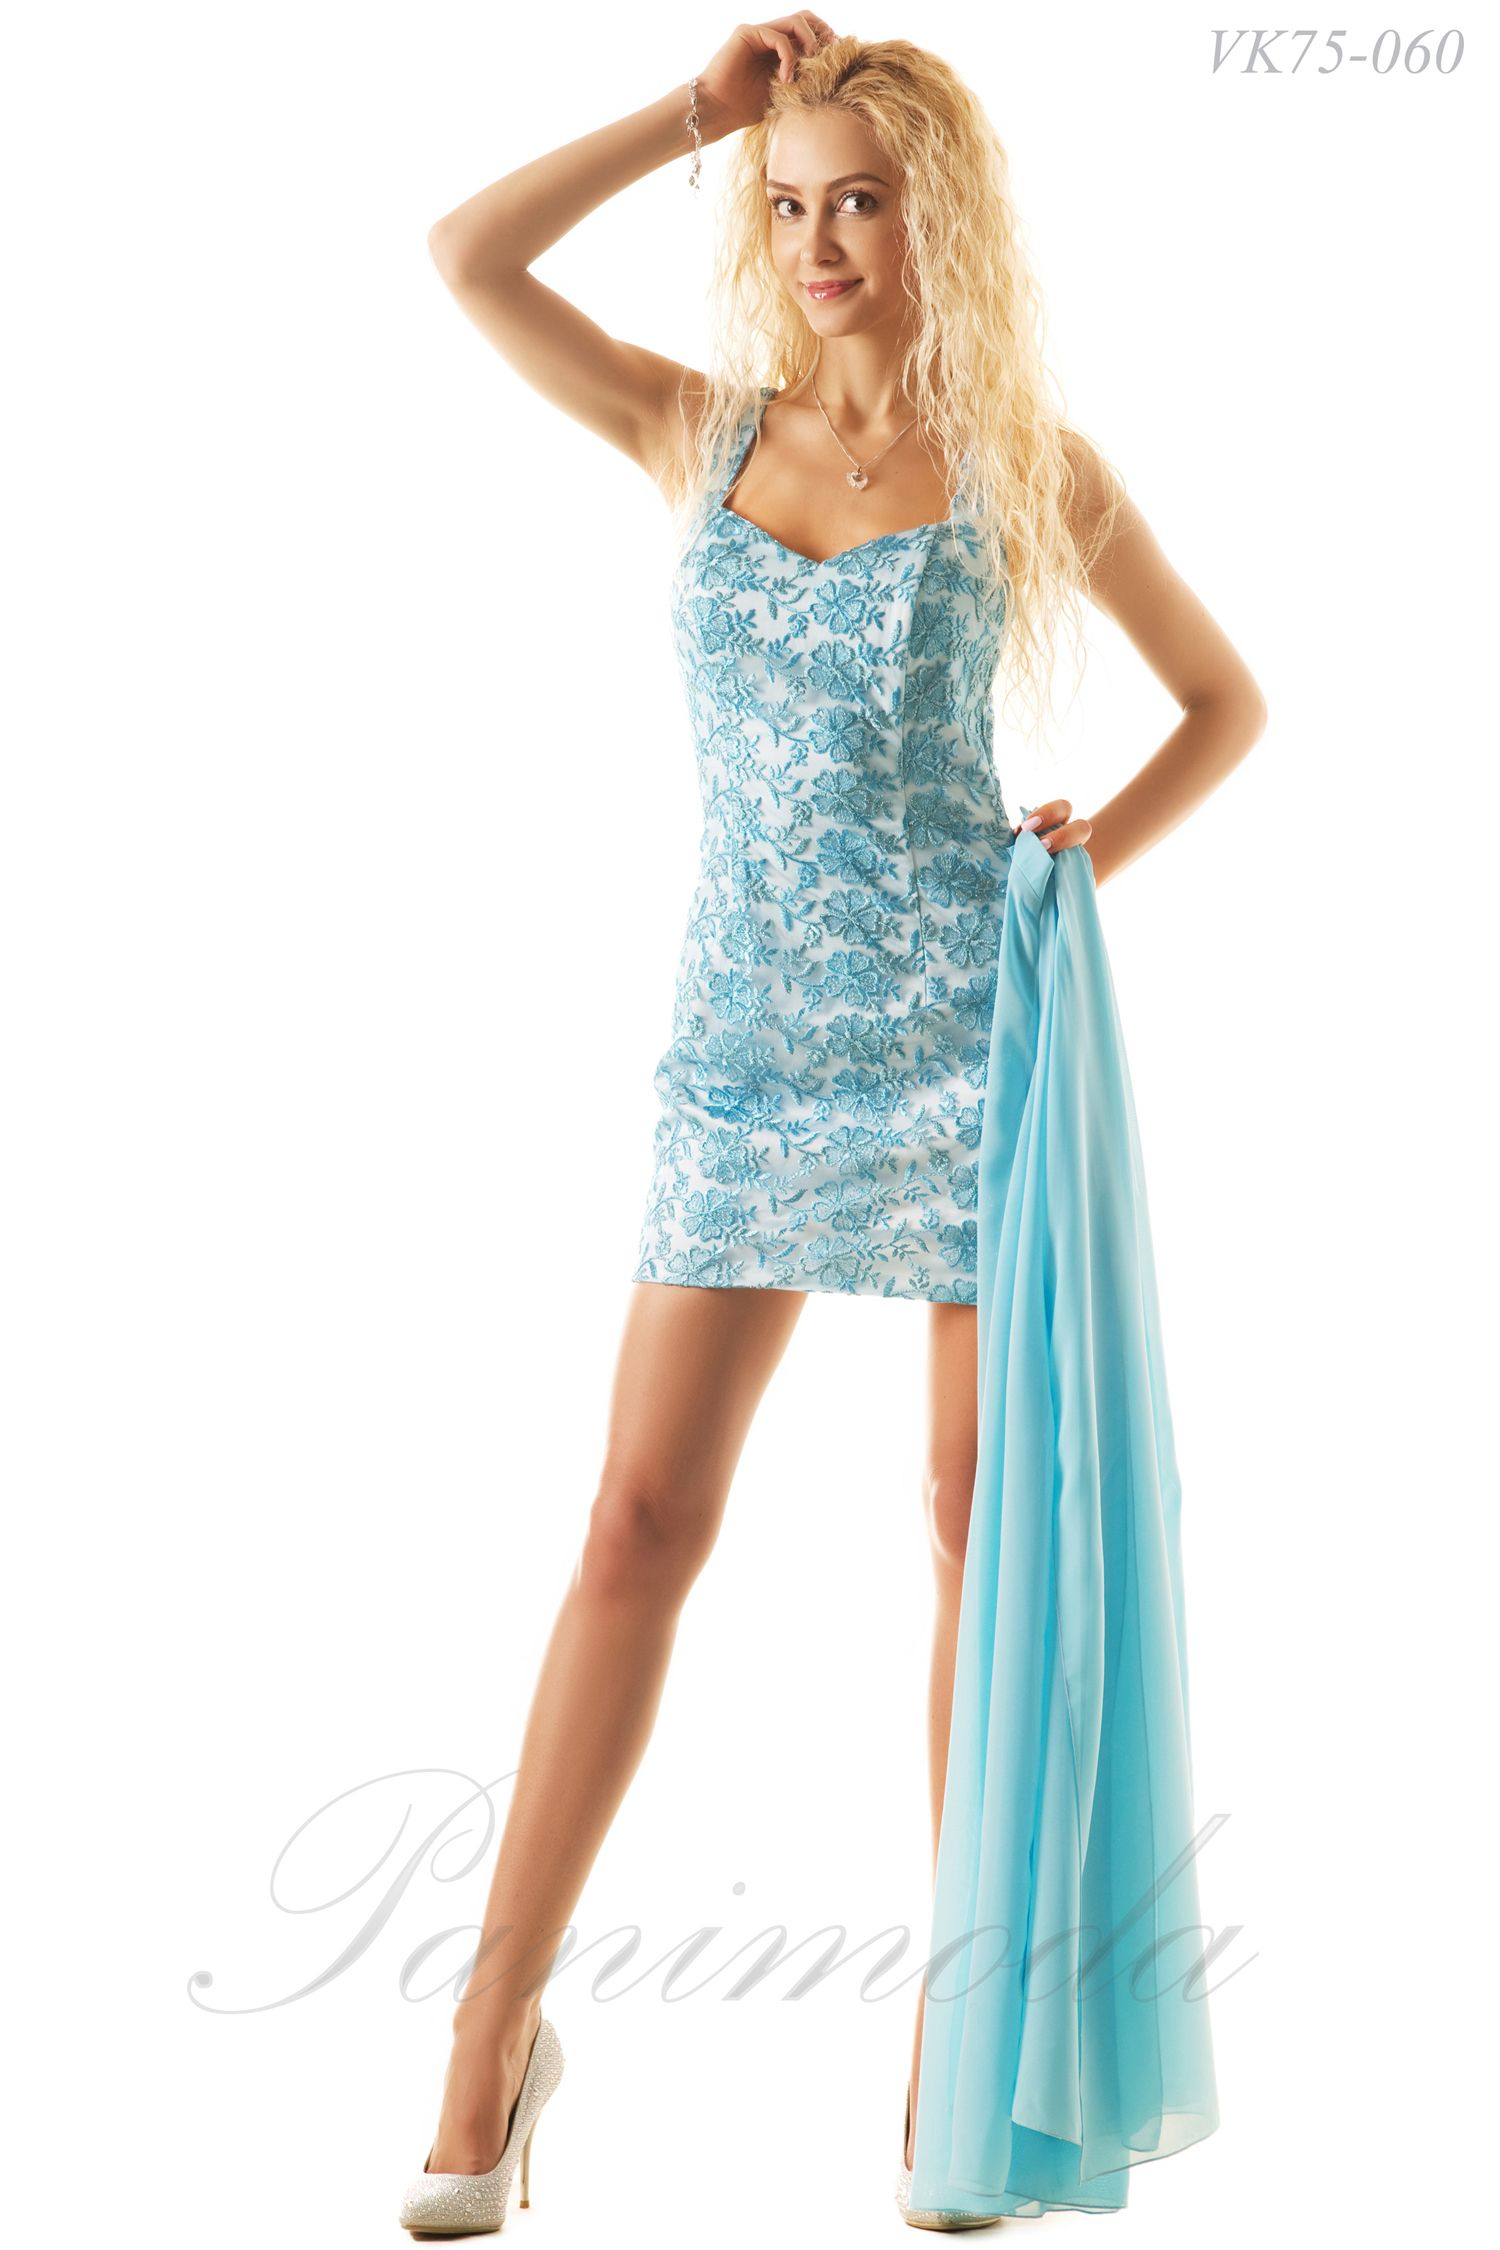 7f5f9002ff8 Корсетное платье из гипюра на широких бретельках со съемной юбкой из мульти  шифона. Сочетание гипюра